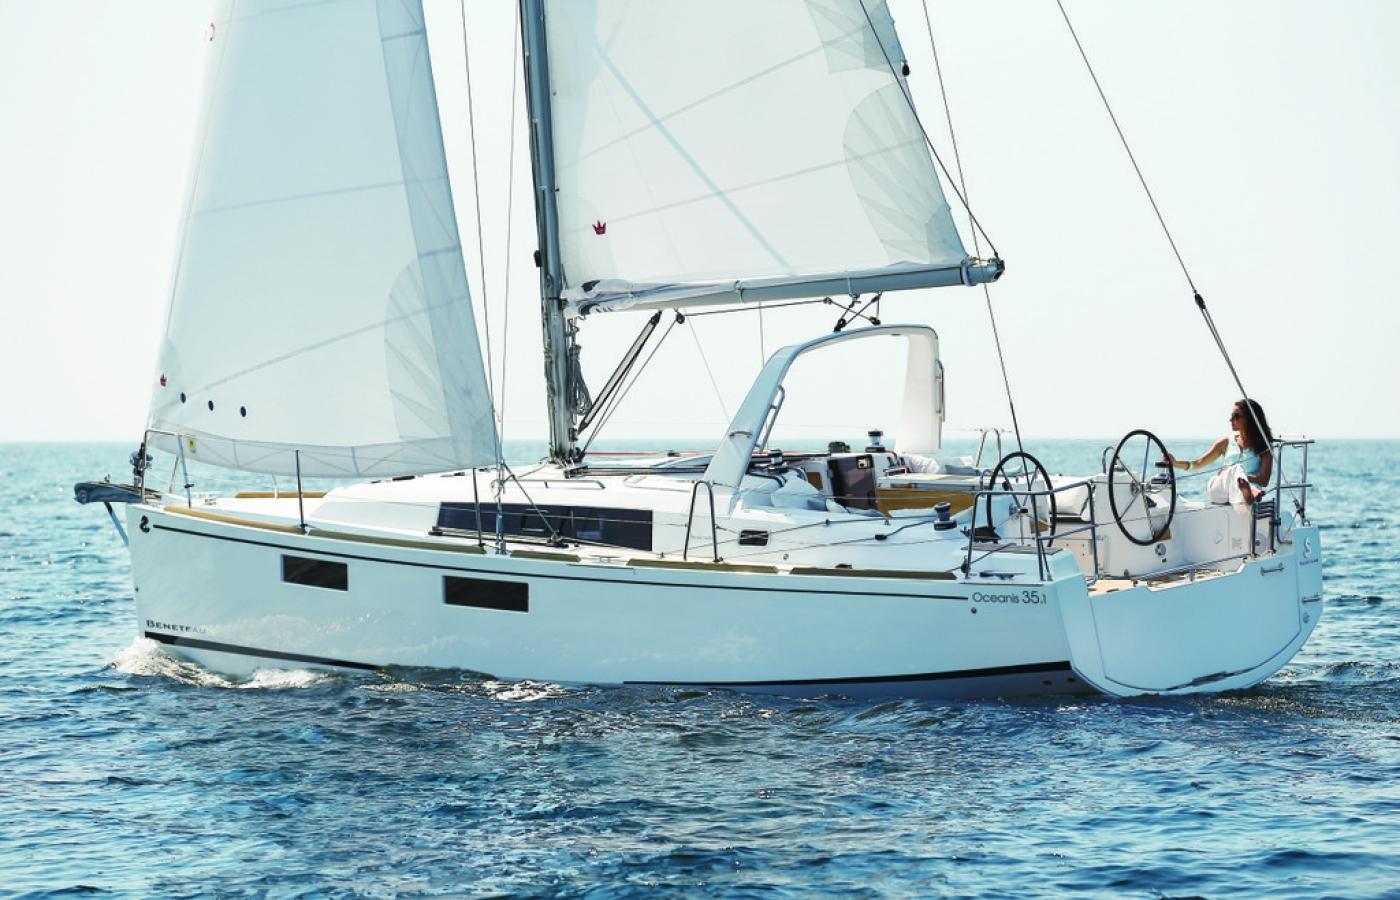 beneteau-oceanis-35-1